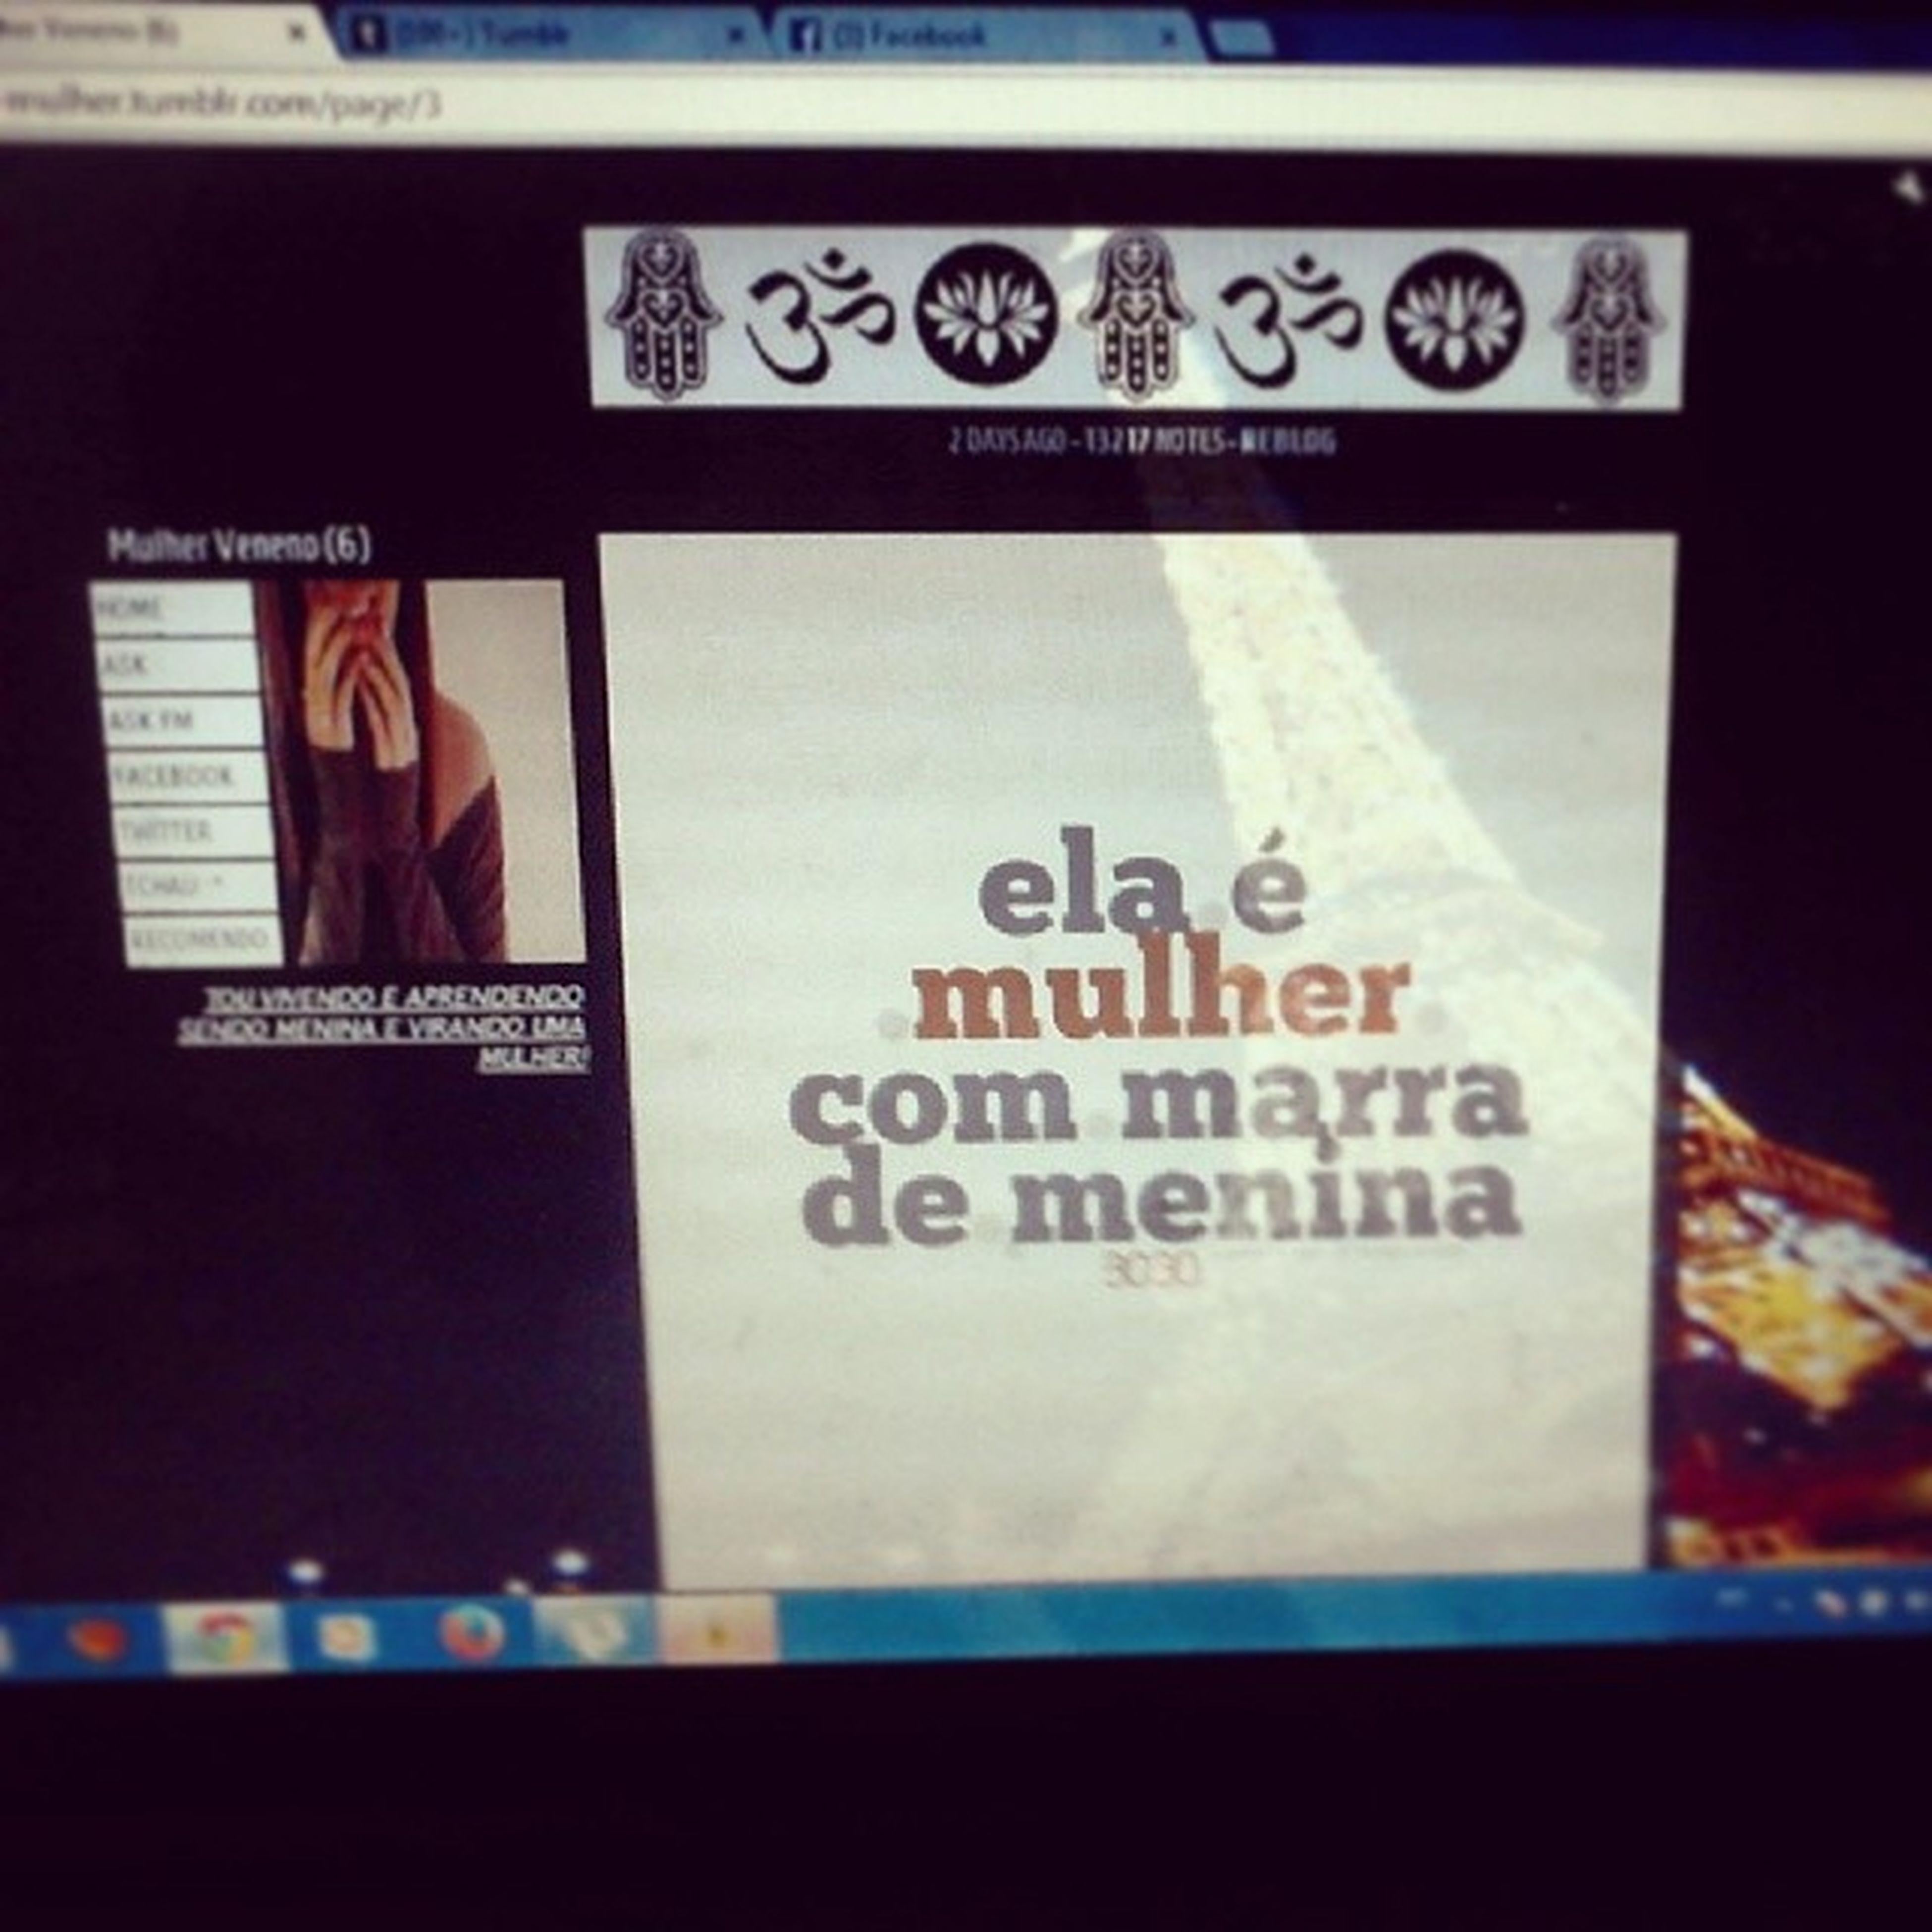 Uma-me-nina-mulher.tambor.com, segue lá :3 Vicio Raimundinho Tamblr